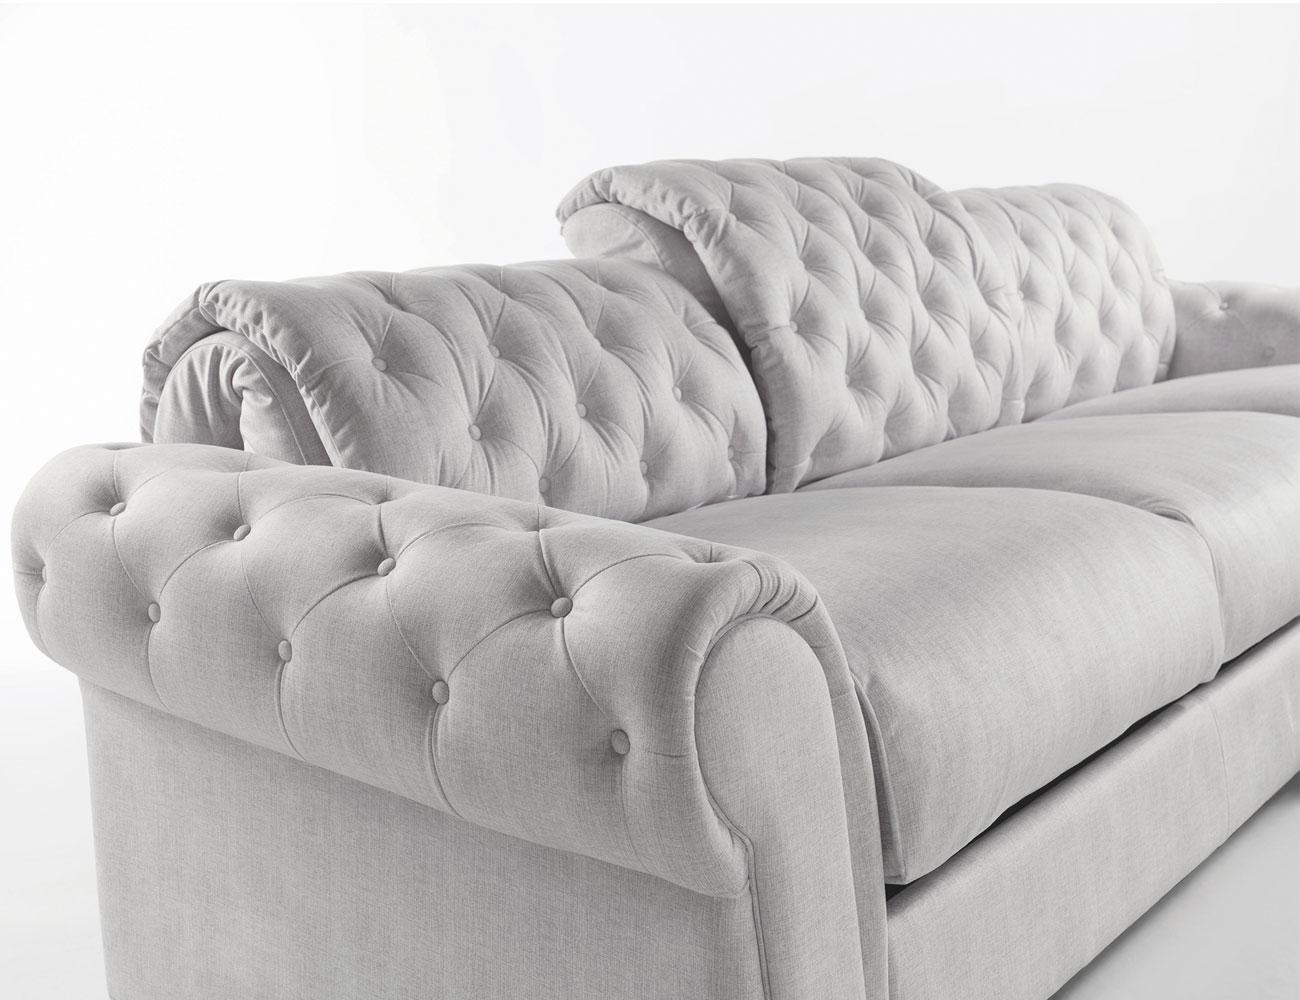 Sofa chaiselongue gran lujo decorativo capitone blanco tela 13